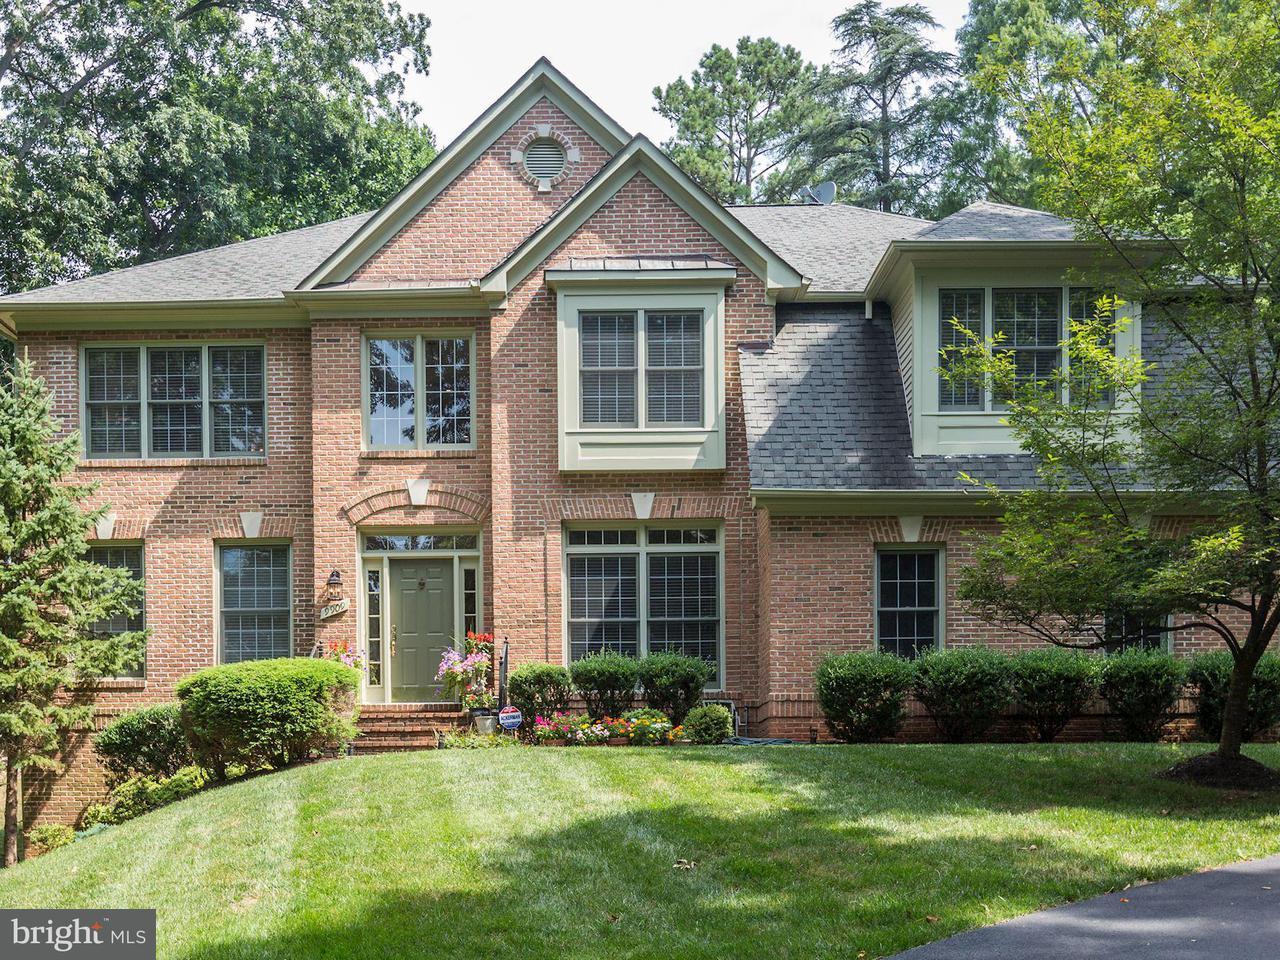 단독 가정 주택 용 매매 에 9909 ALDERSGATE Road 9909 ALDERSGATE Road Rockville, 메릴랜드 20850 미국